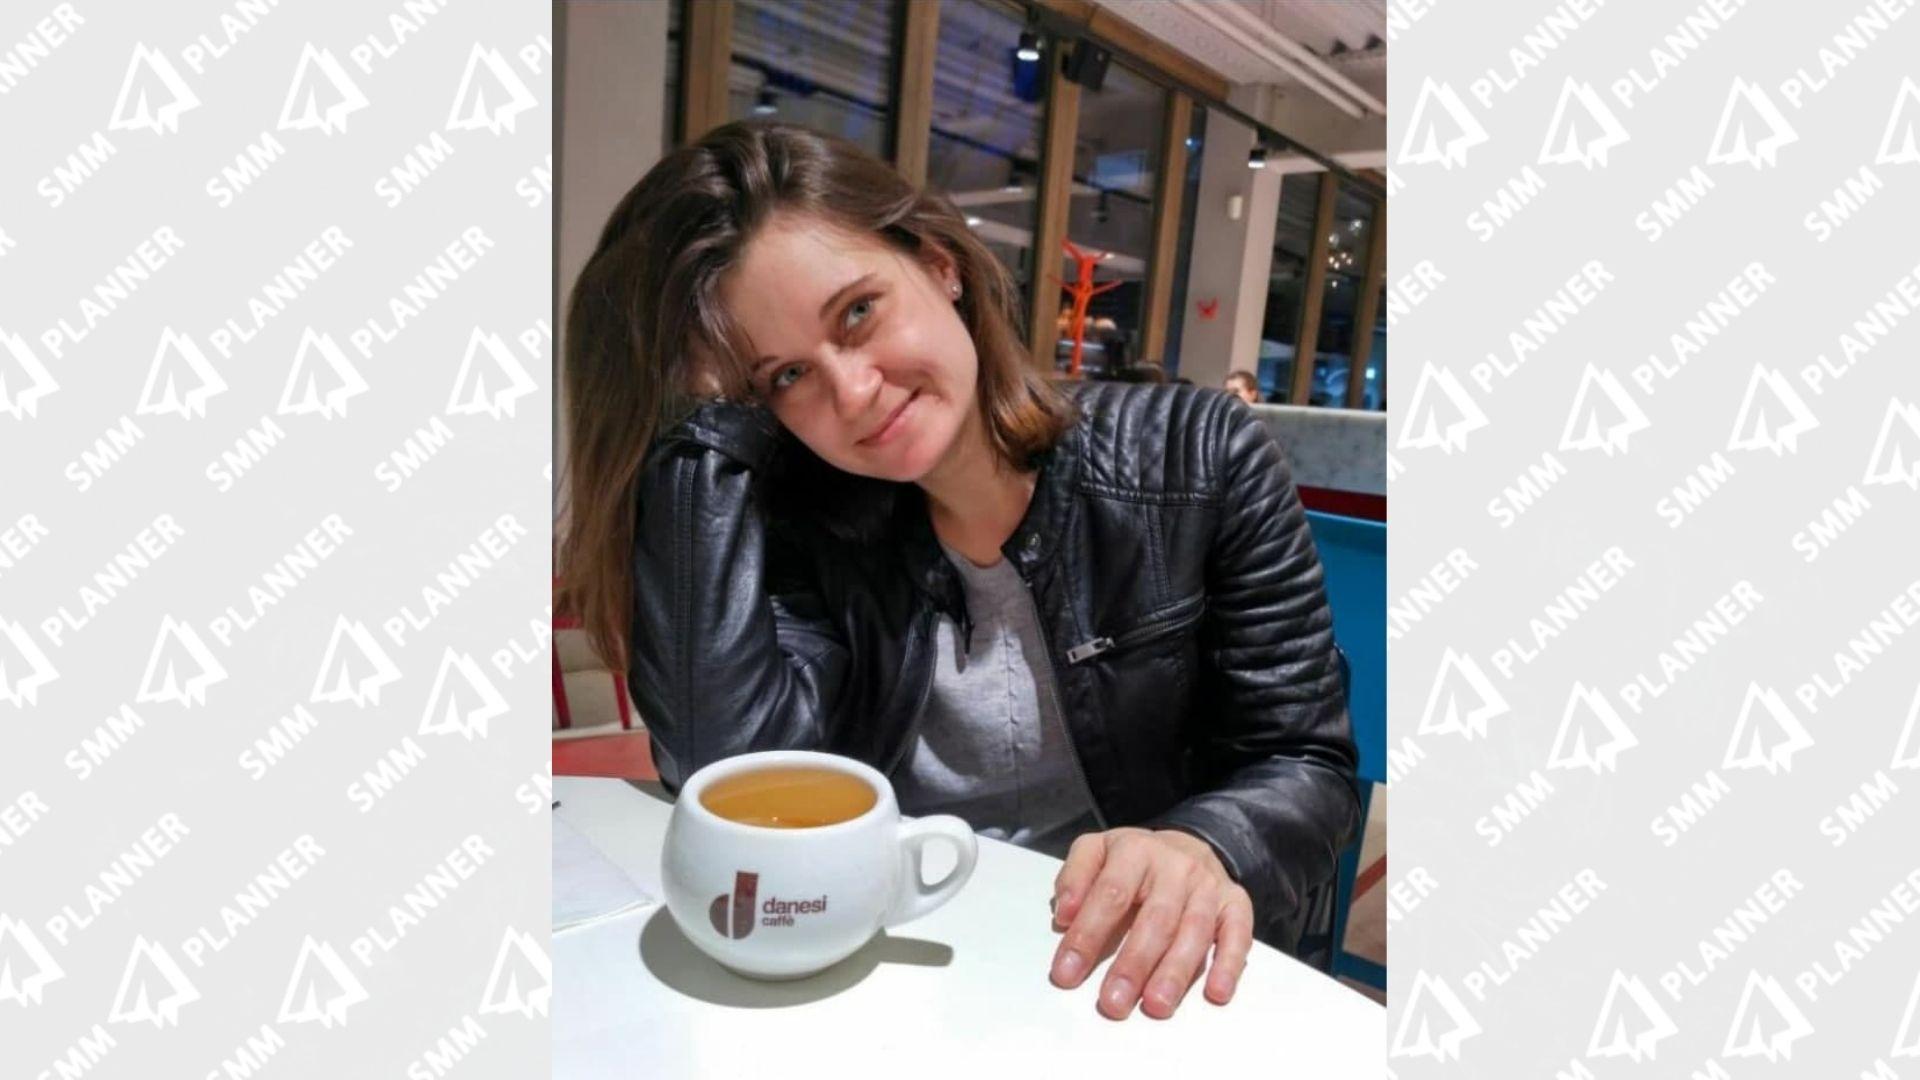 Комьюнити-менеджер SMMplanner Татьяна Гришина знает, как улаживать конфликты и отличать негативные отзывы от троллинга